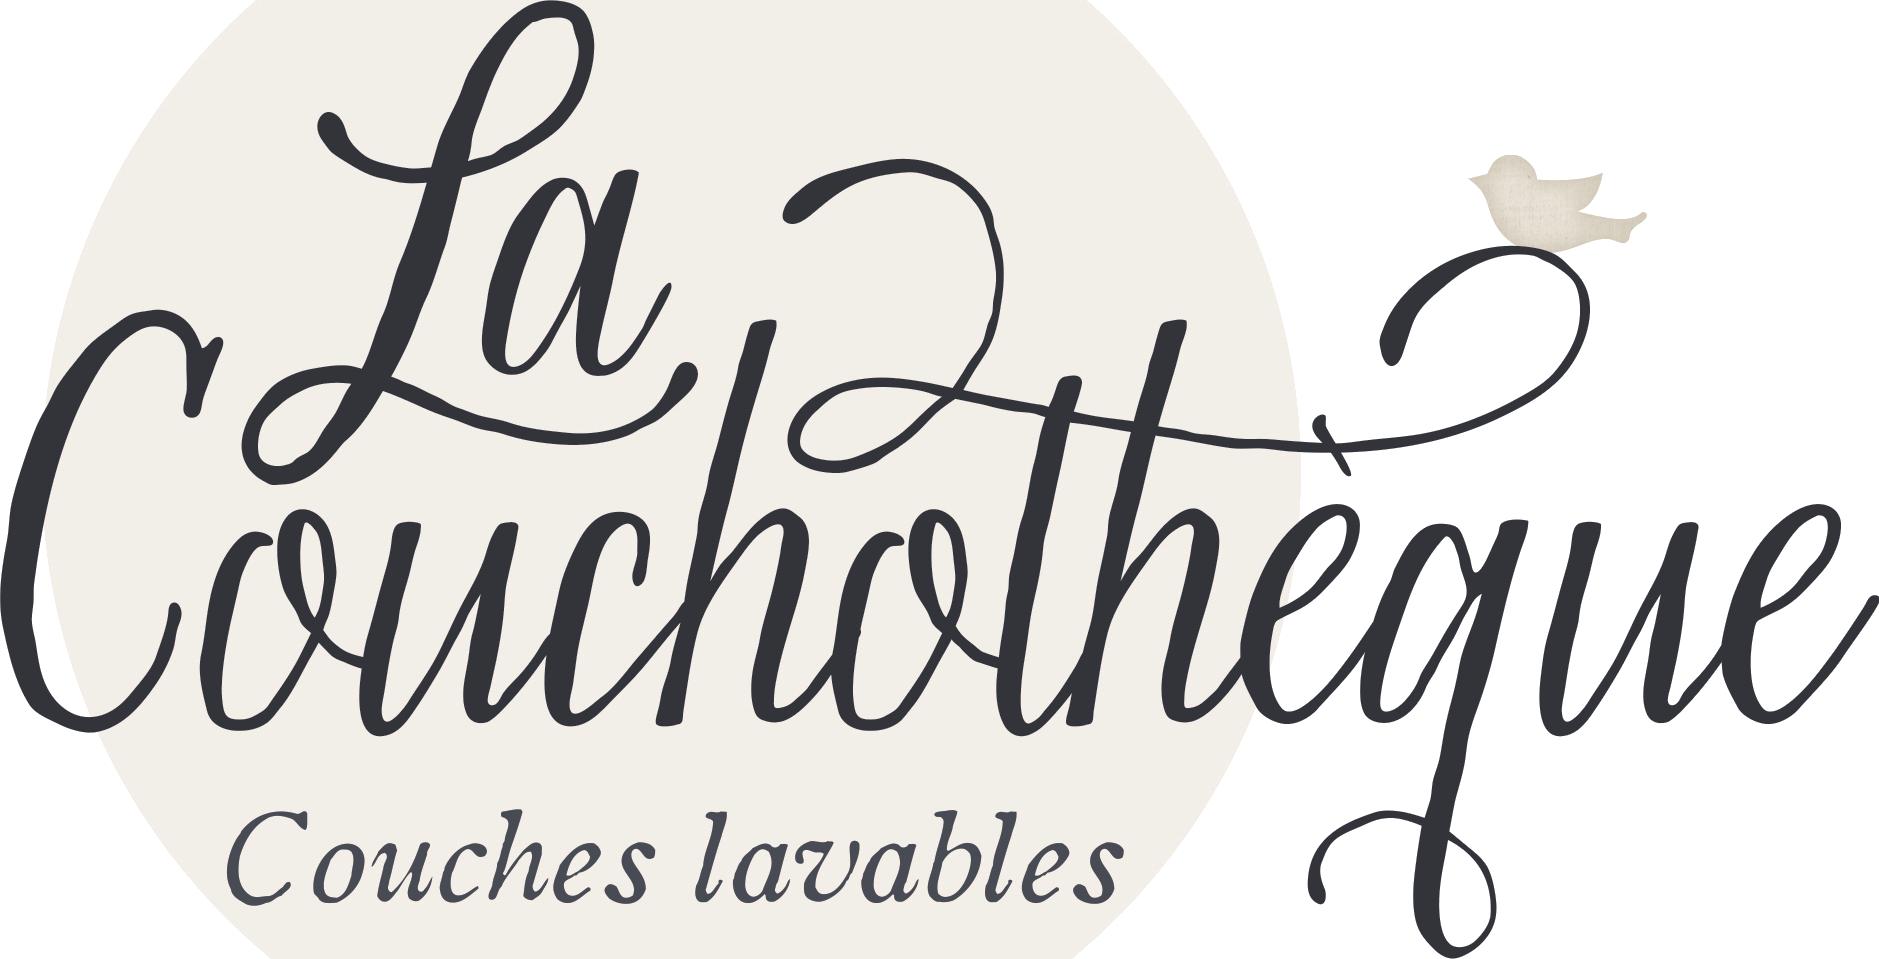 La Couchothèque